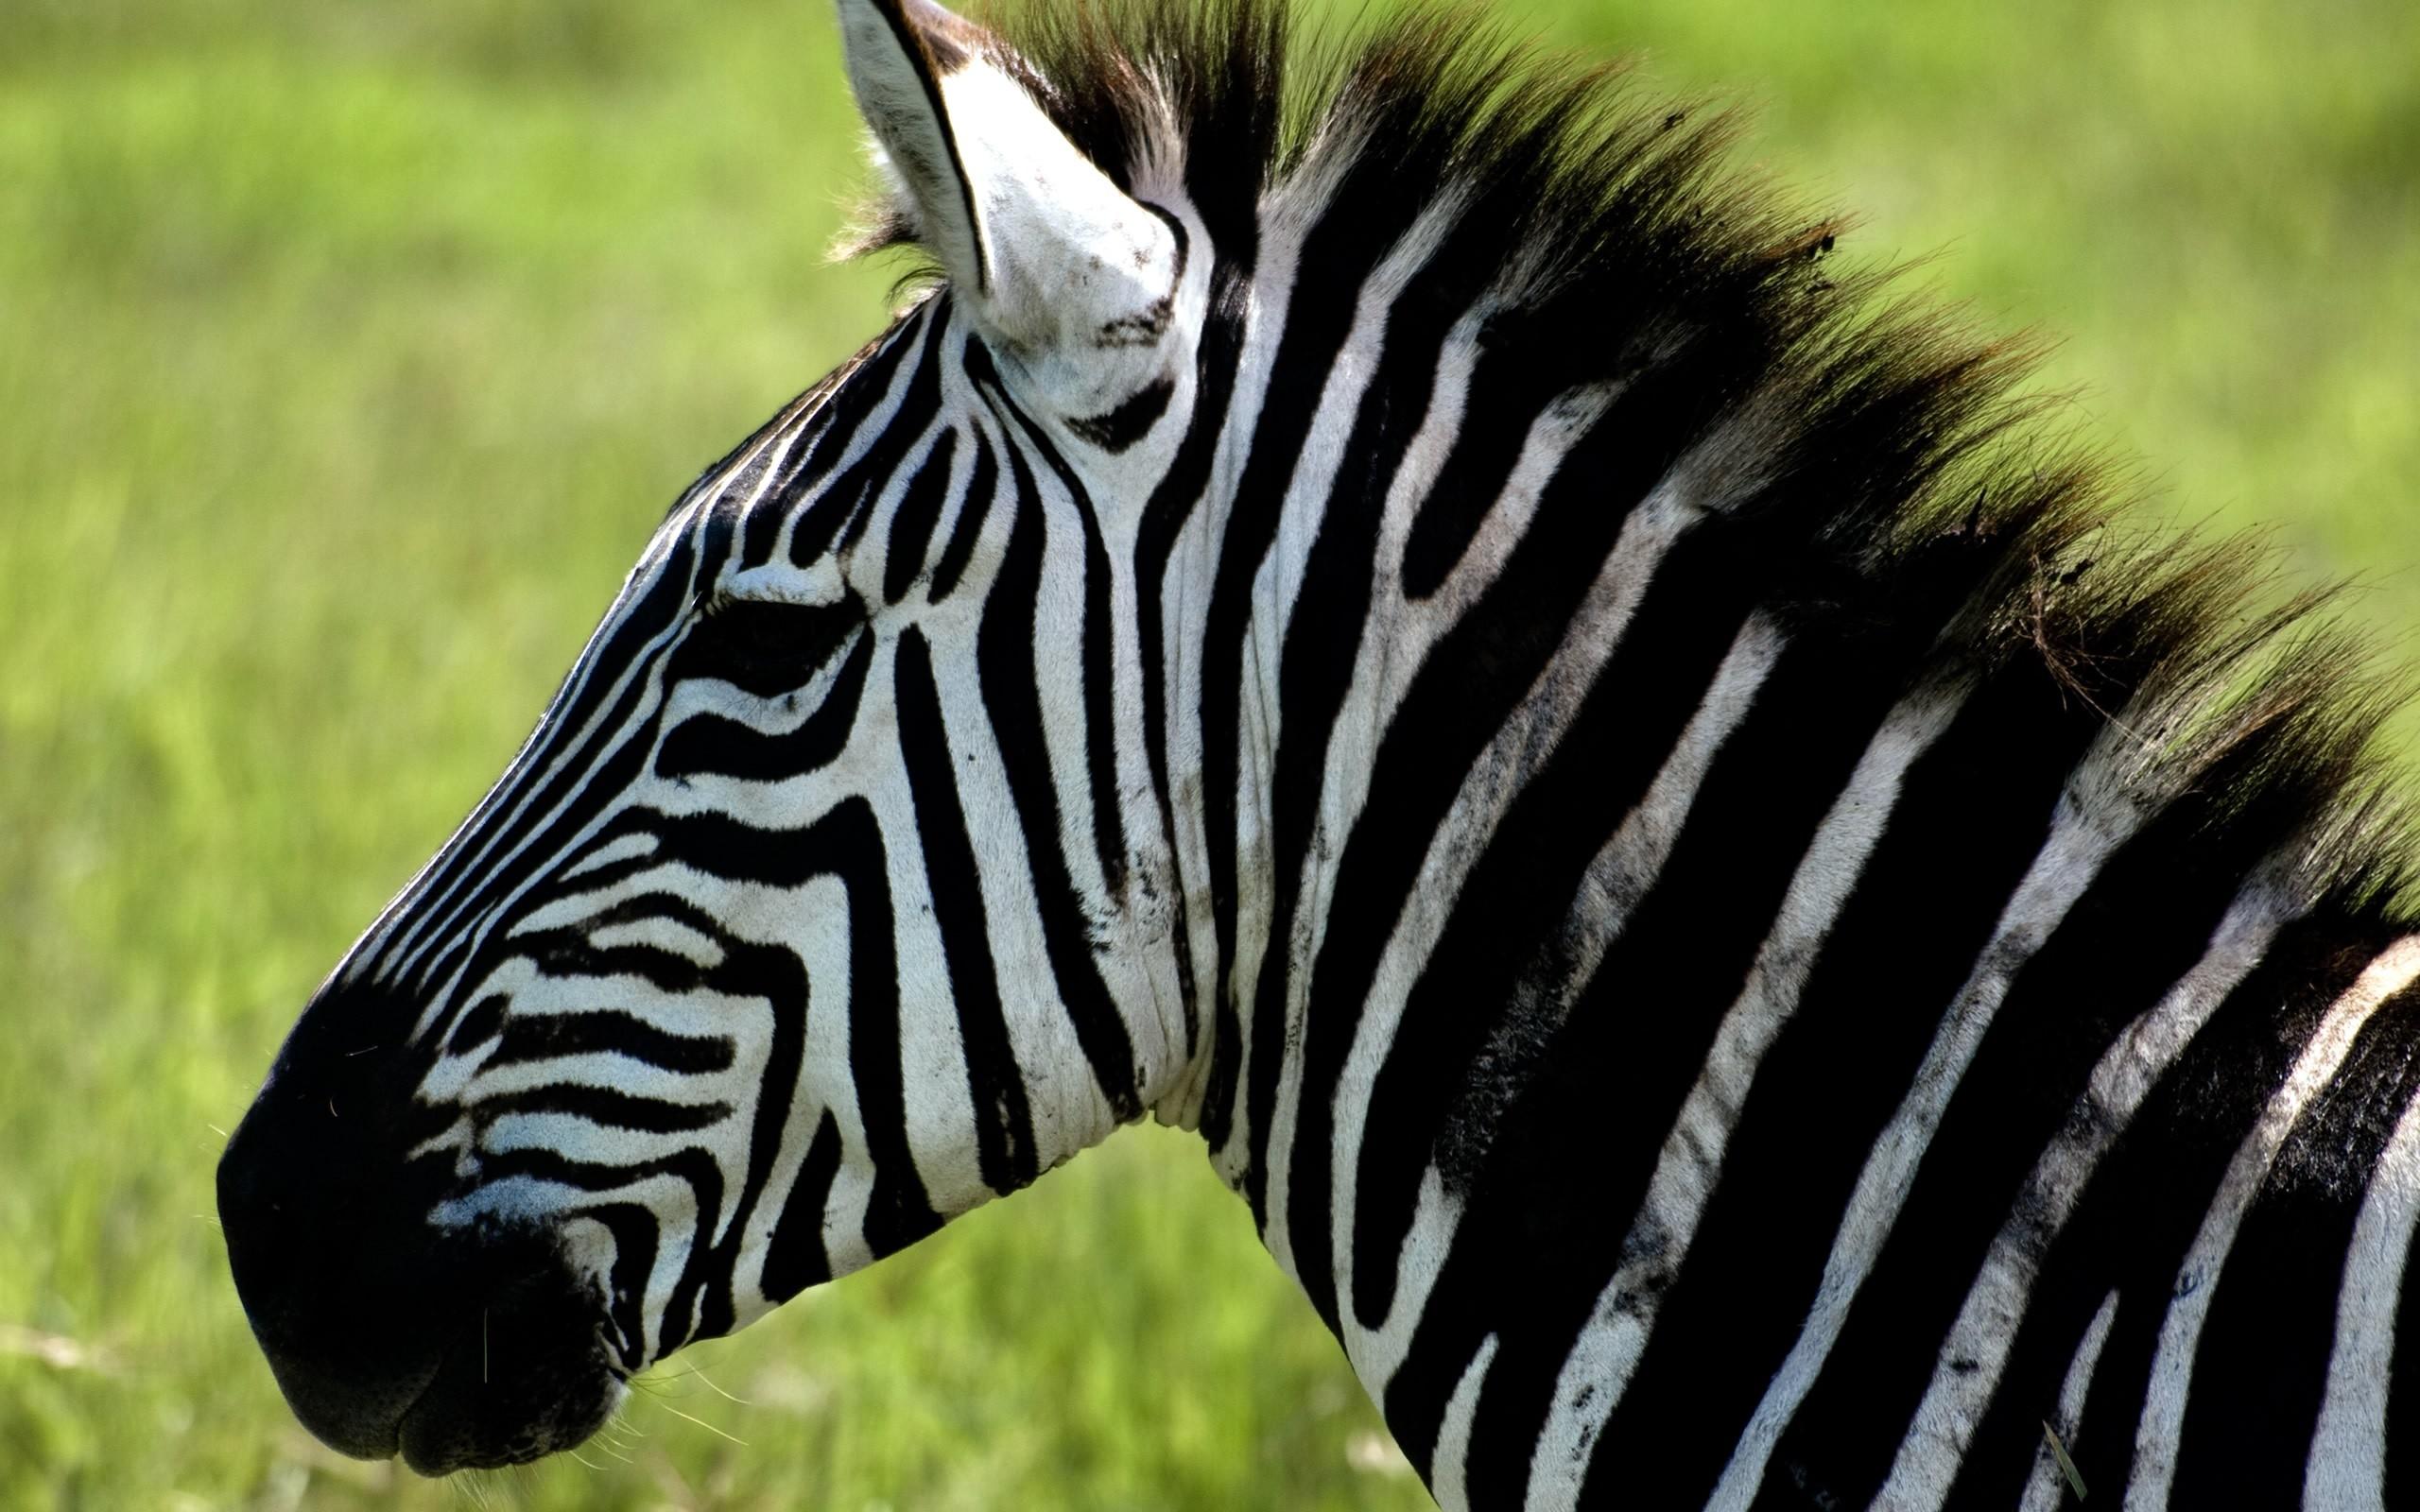 Zebra o Cebra? - 2560x1600